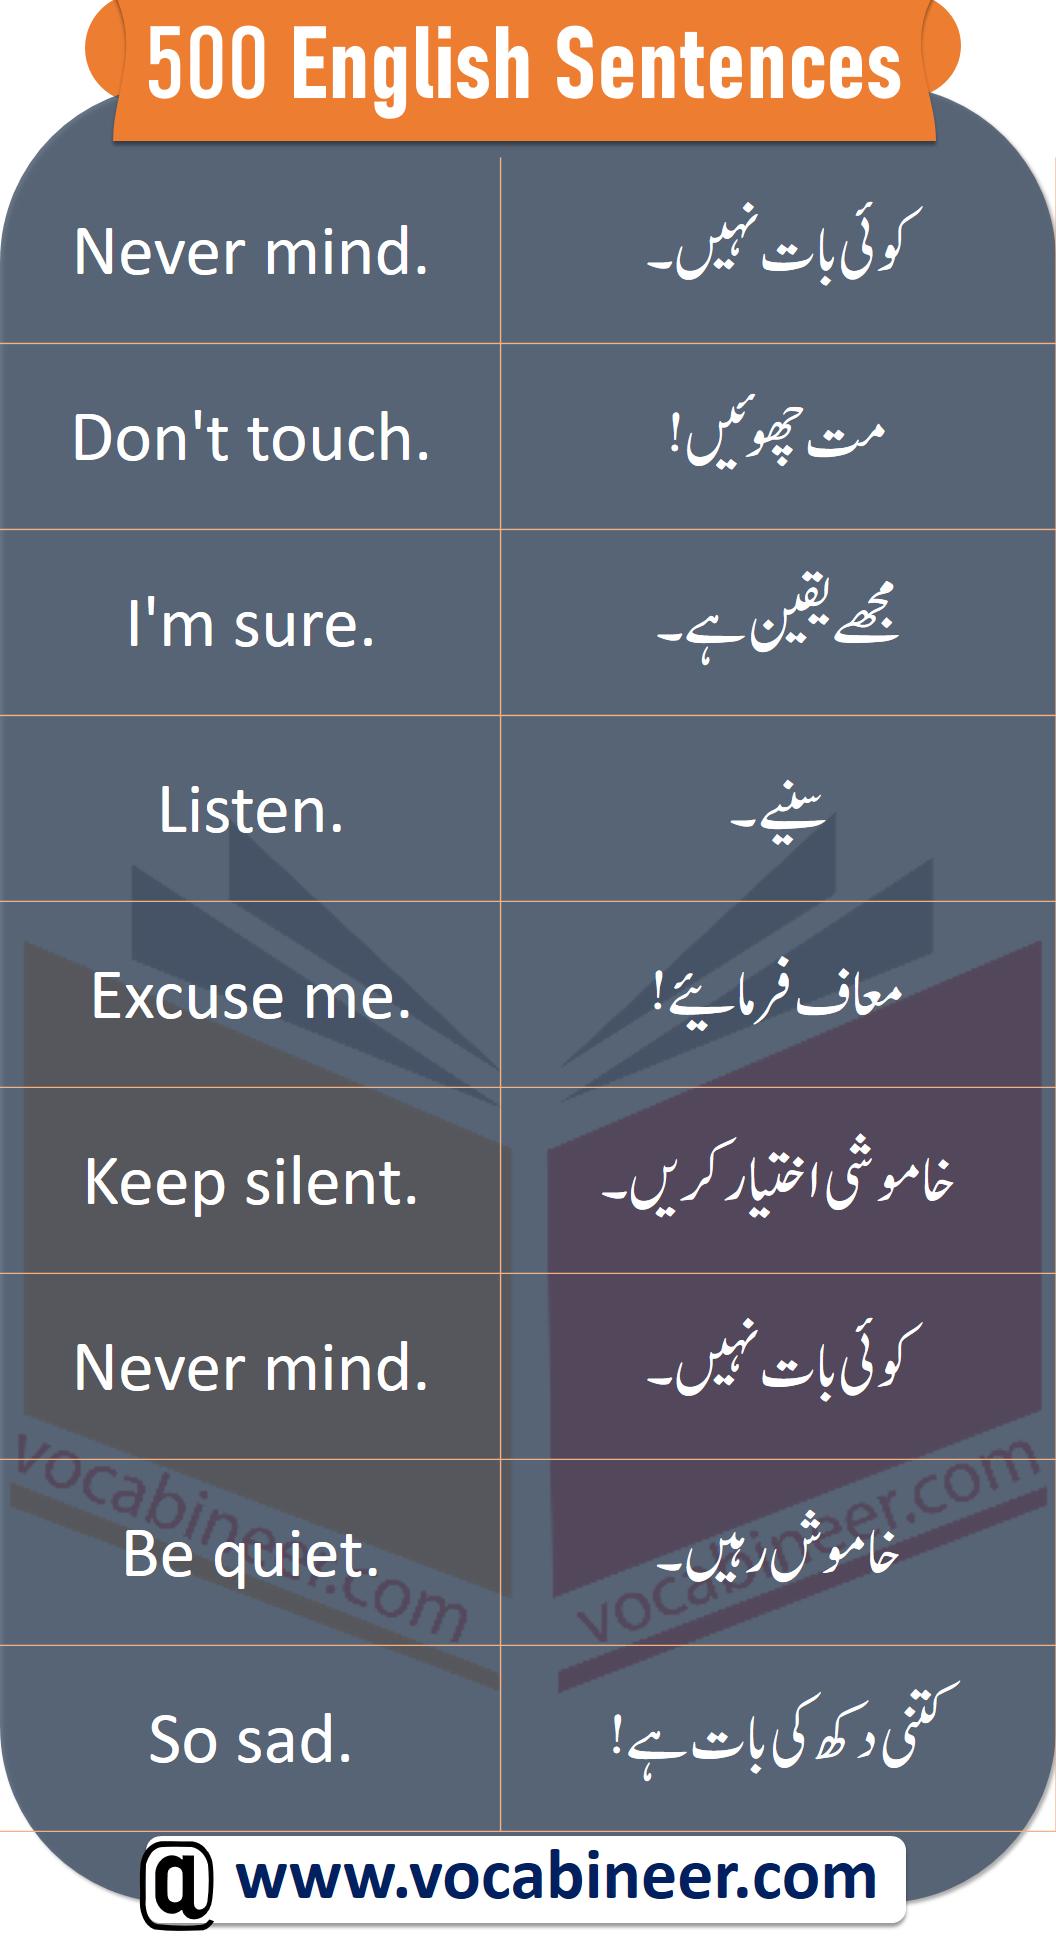 English Sentences With Urdu In 2020 English Sentences Learn English Vocabulary English Vocabulary Words [ 1942 x 1056 Pixel ]